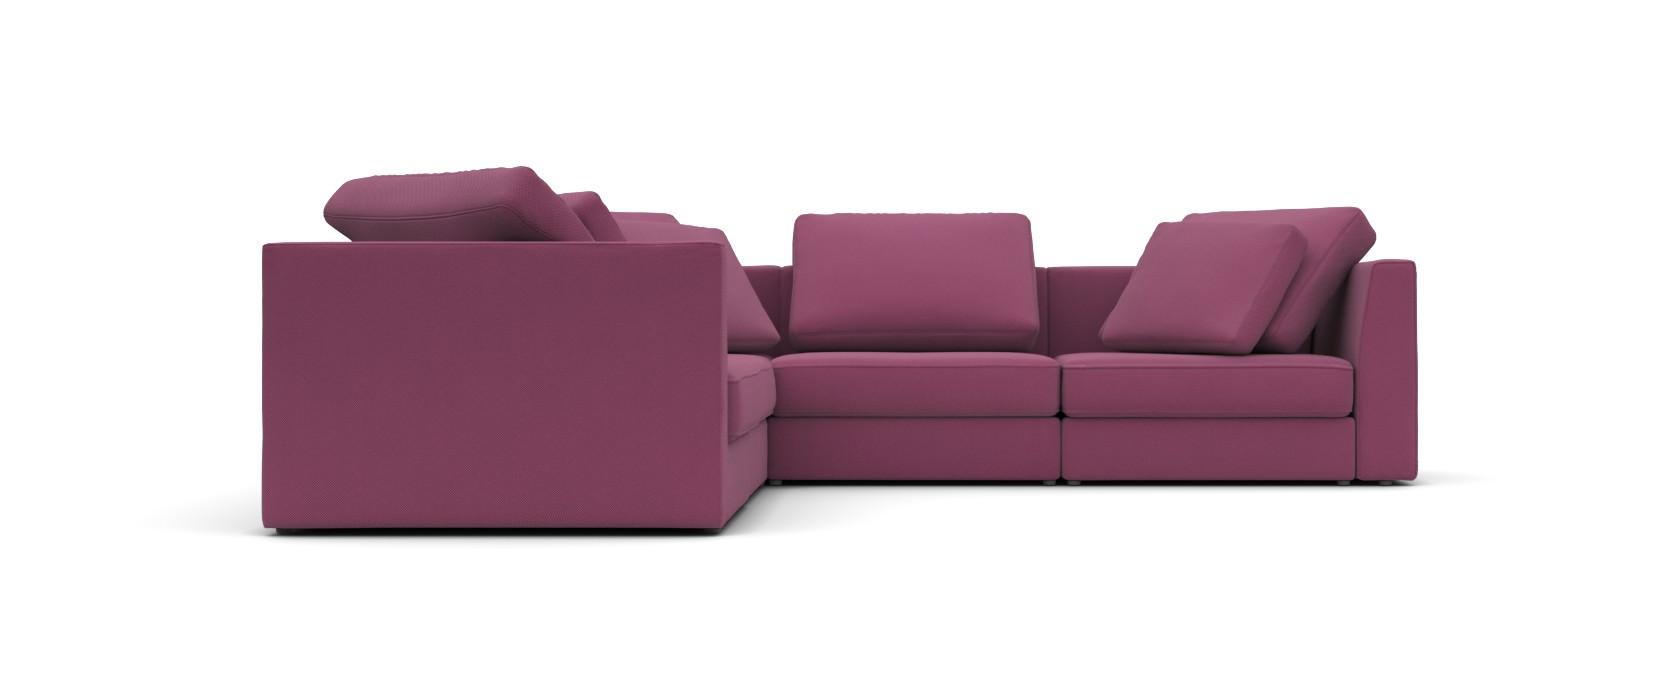 Модульний диван Lisboa 306x306 - Pufetto